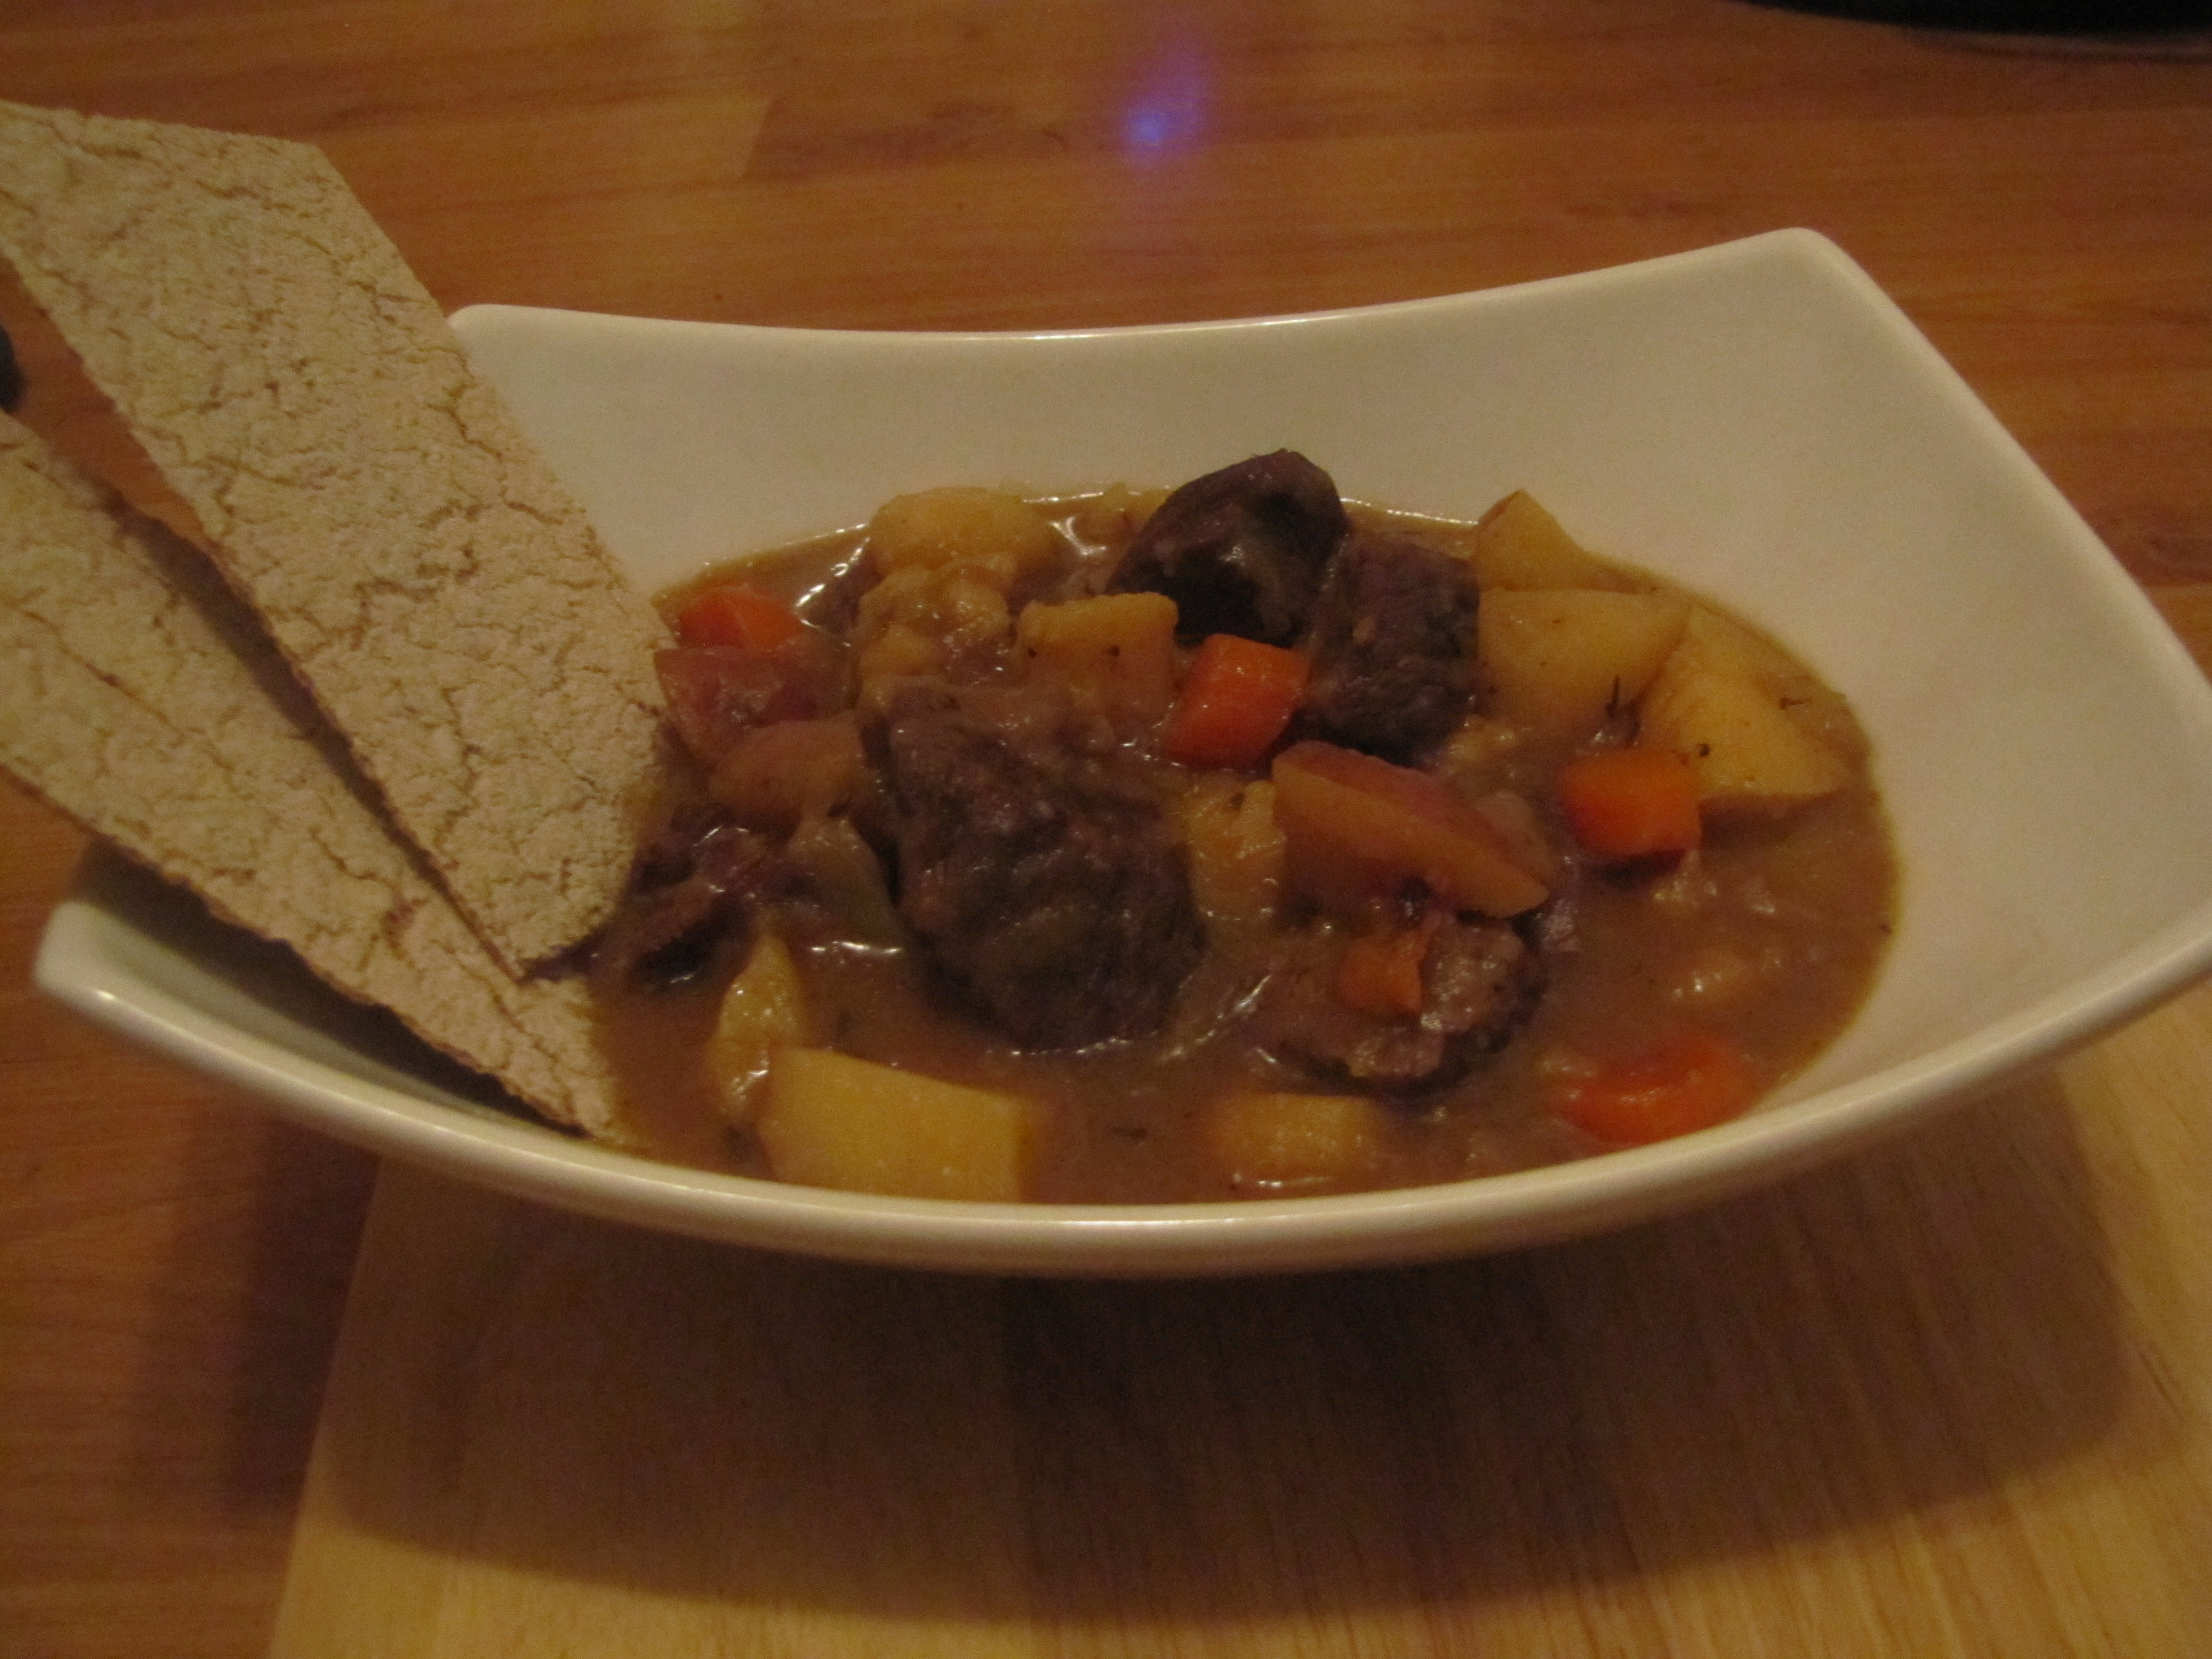 Lapskaus a norwegian recipe for comfort food arctic grub - Norwegian cuisine recipes ...